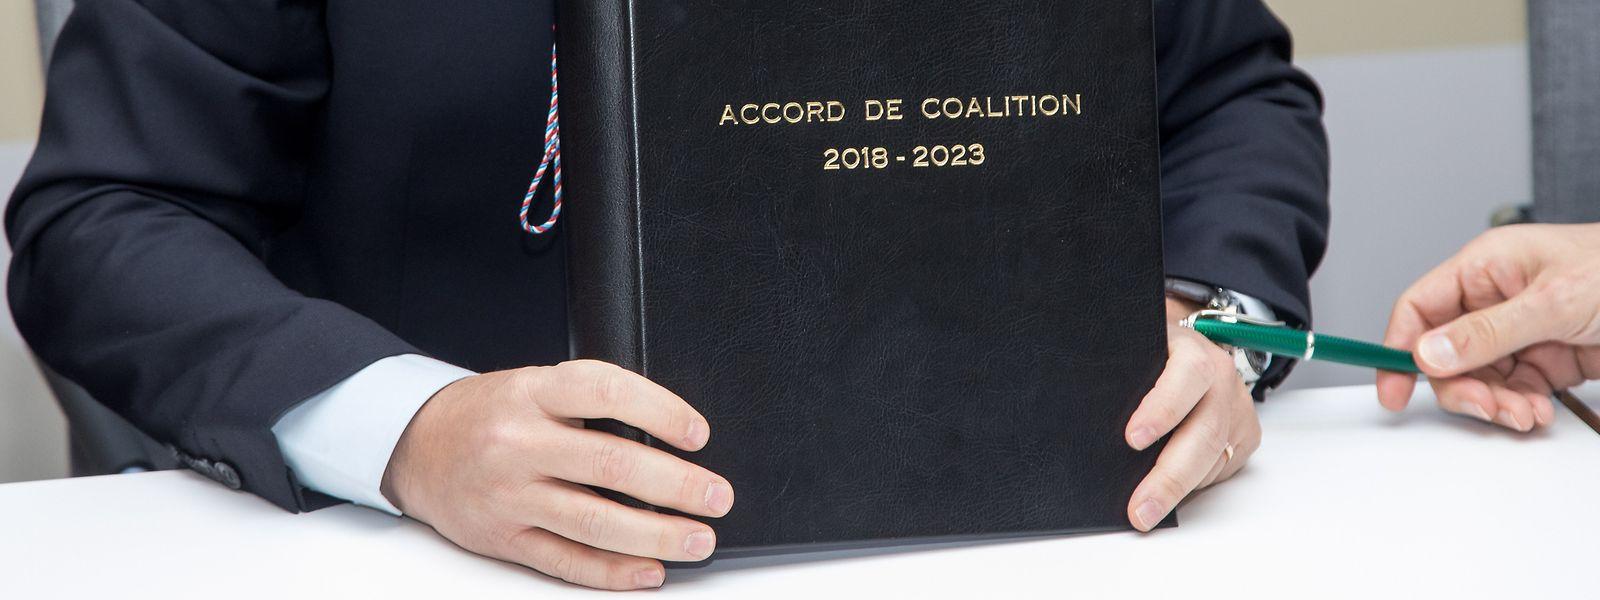 Es soll weiter an der Umsetzung des Koalitionsprogramms gearbeitet werden, betonte Eugène Berger.